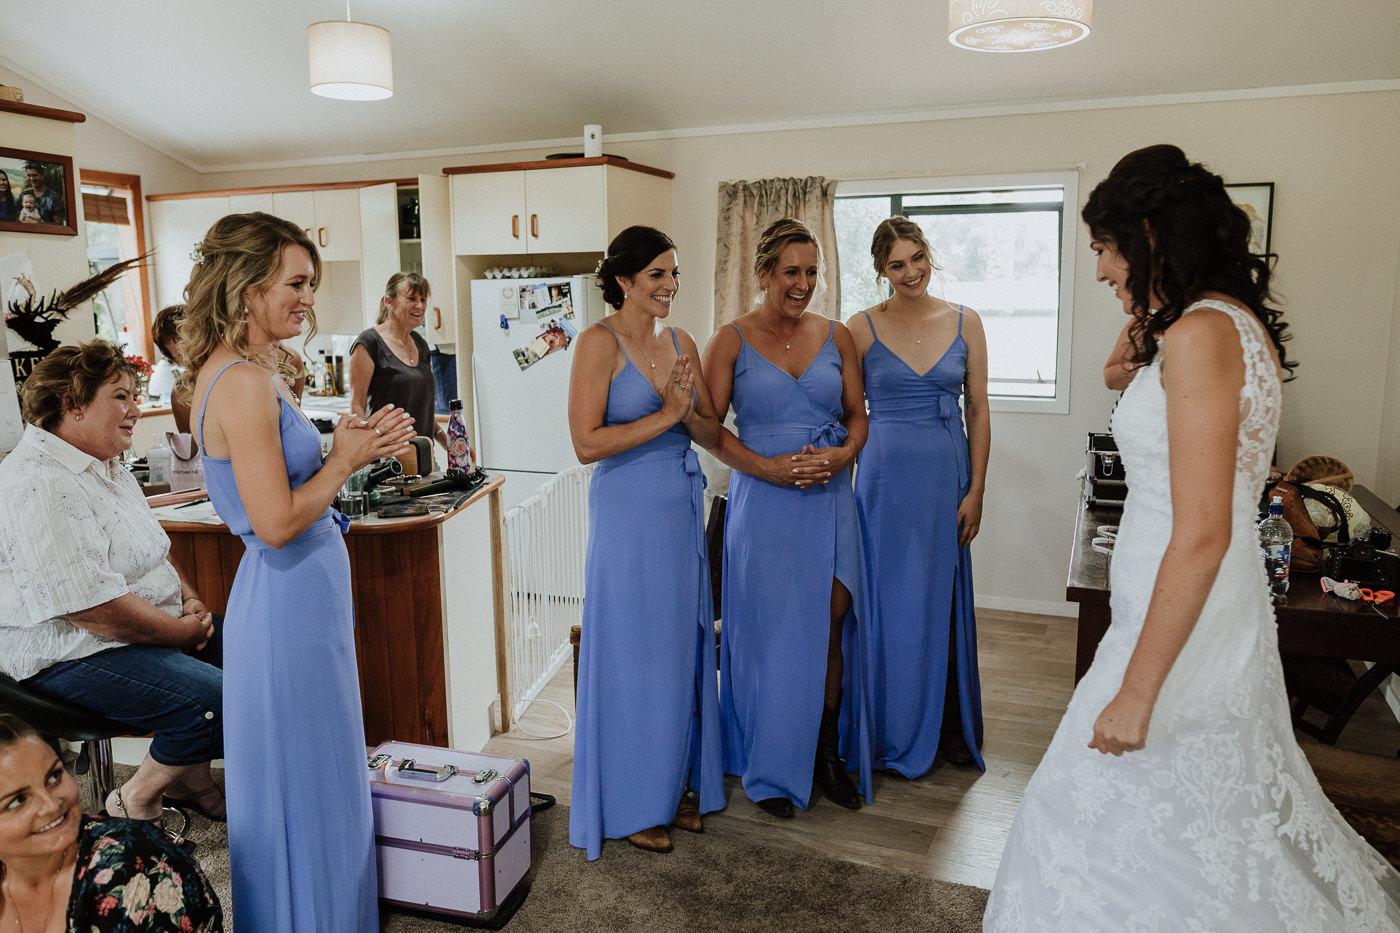 nz_wedding_photographer_gisborne-1016.jpg